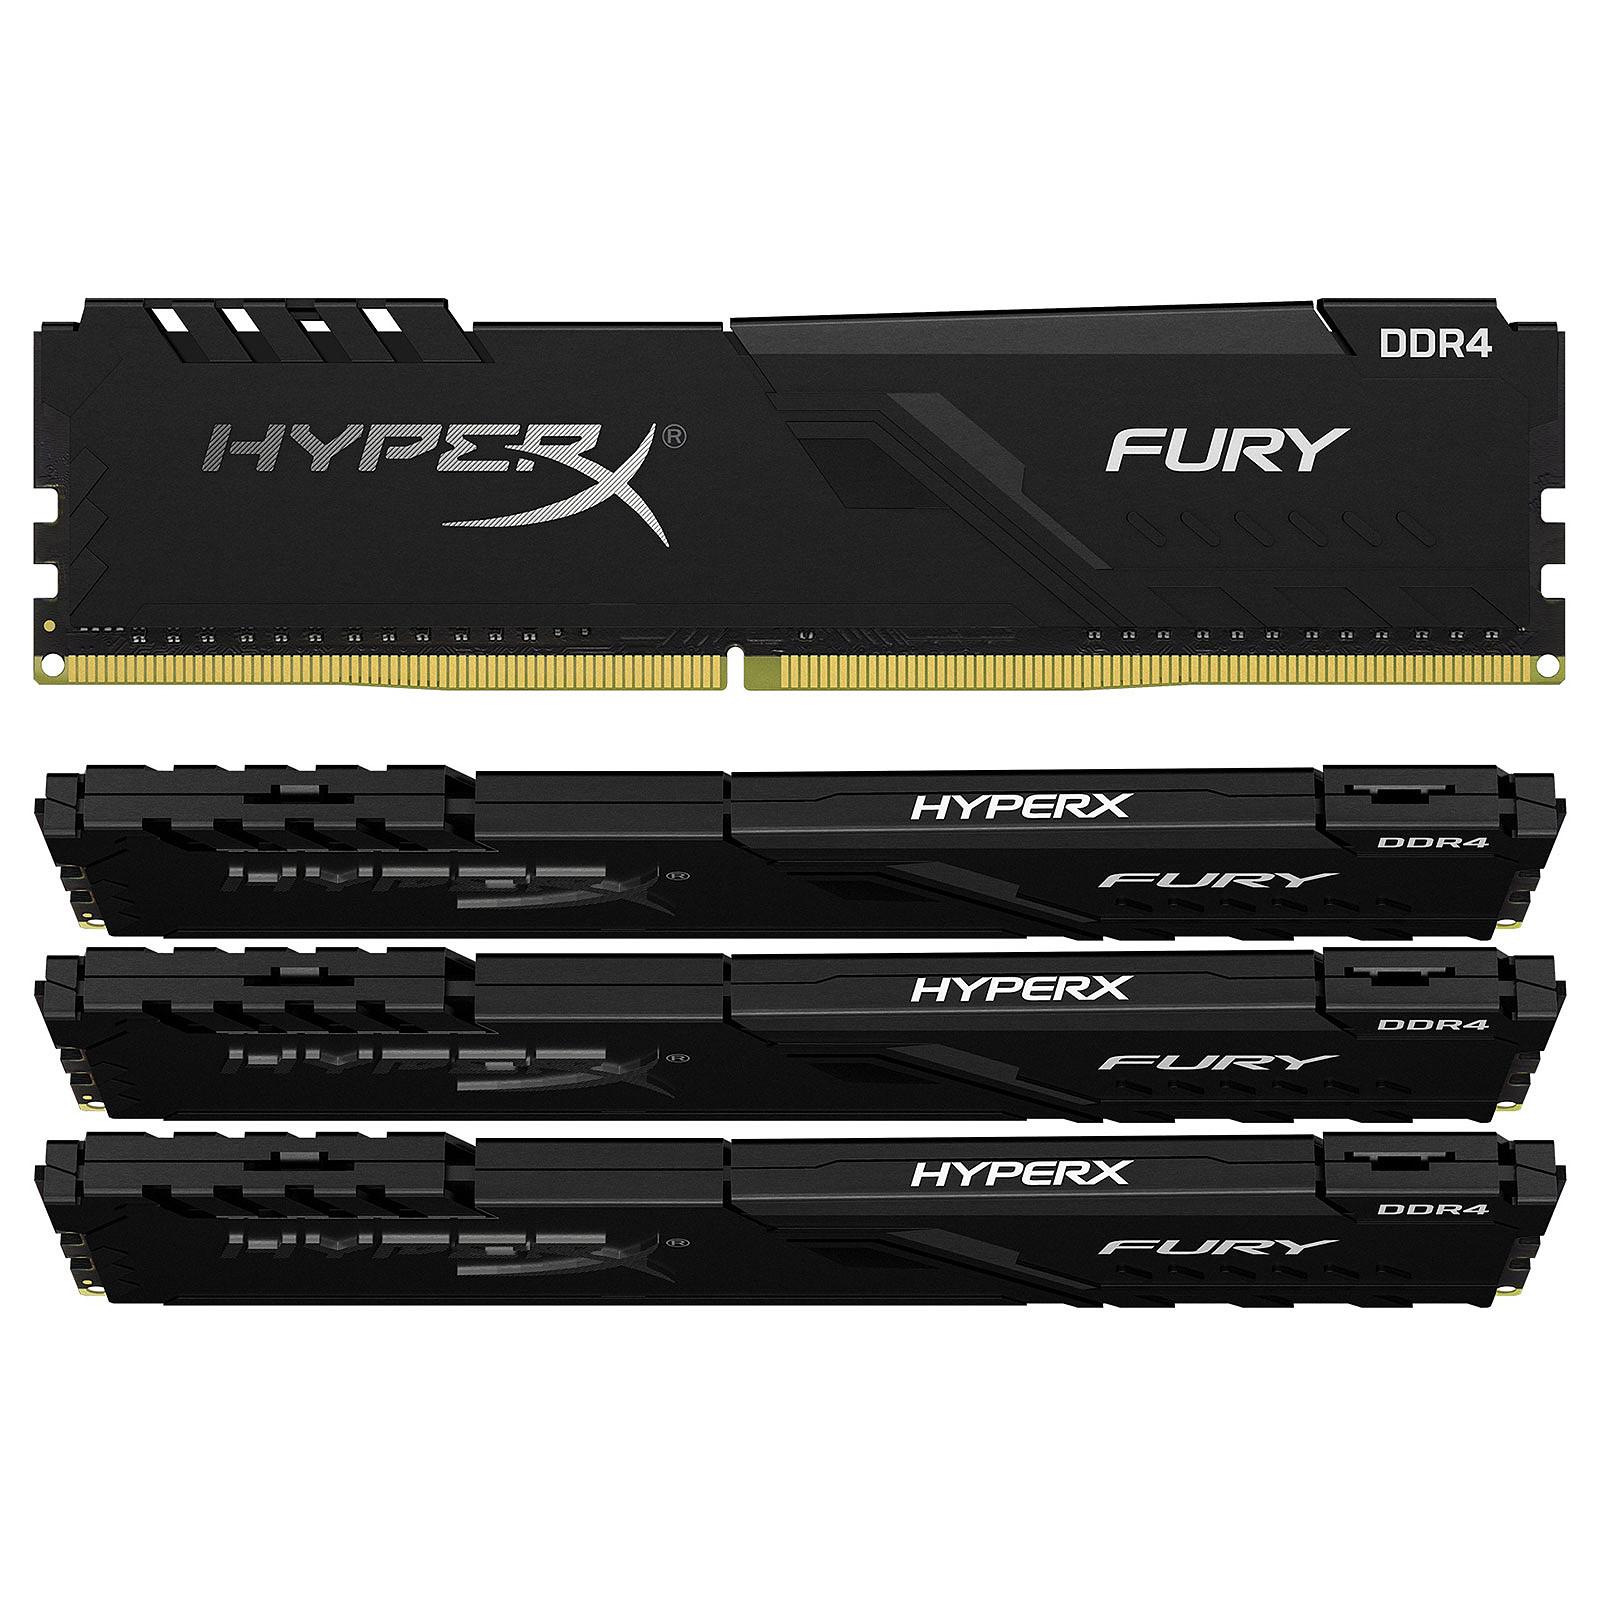 HyperX Fury 64 GB (4 x 16 GB) DDR4 3200 MHz CL16